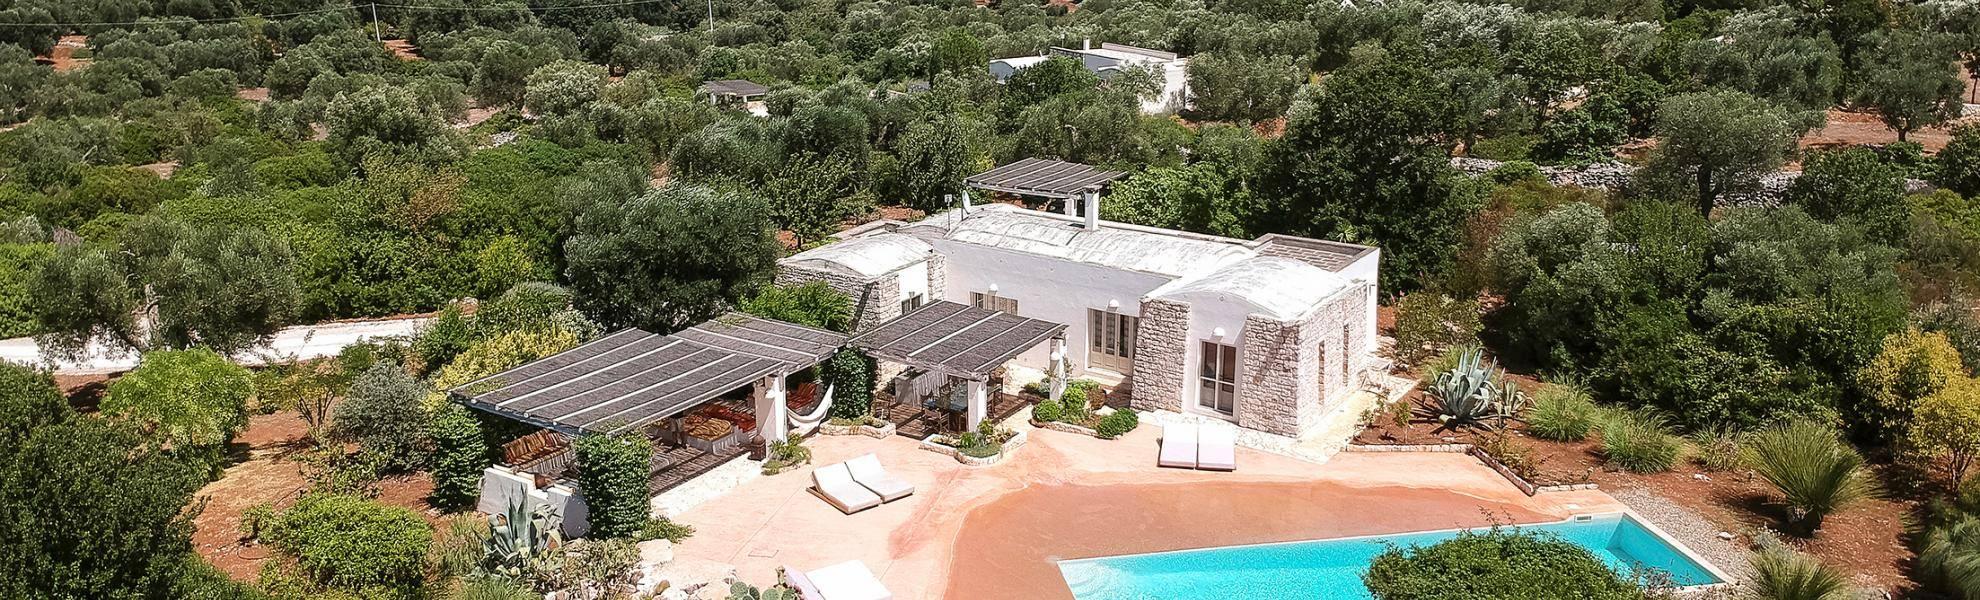 Villa Antorea